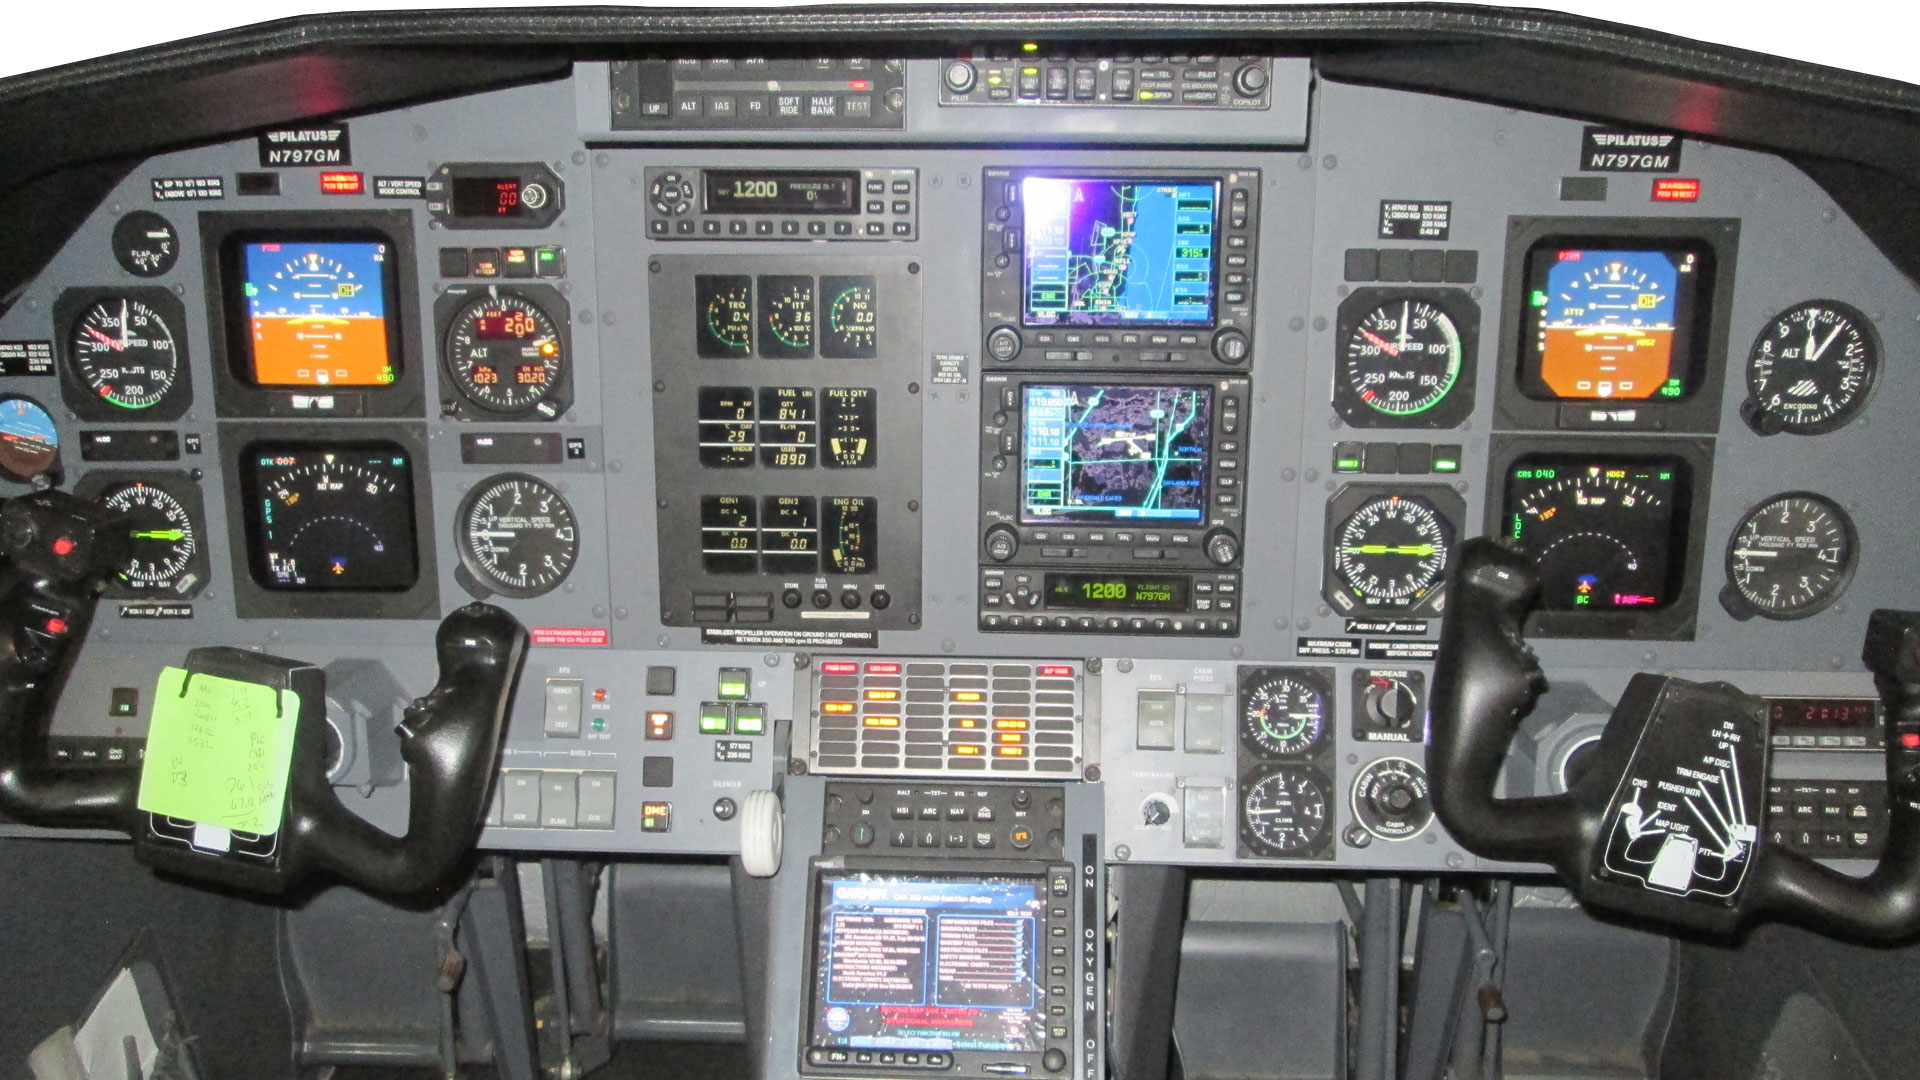 Pilatus Garmin G600 TXi install before